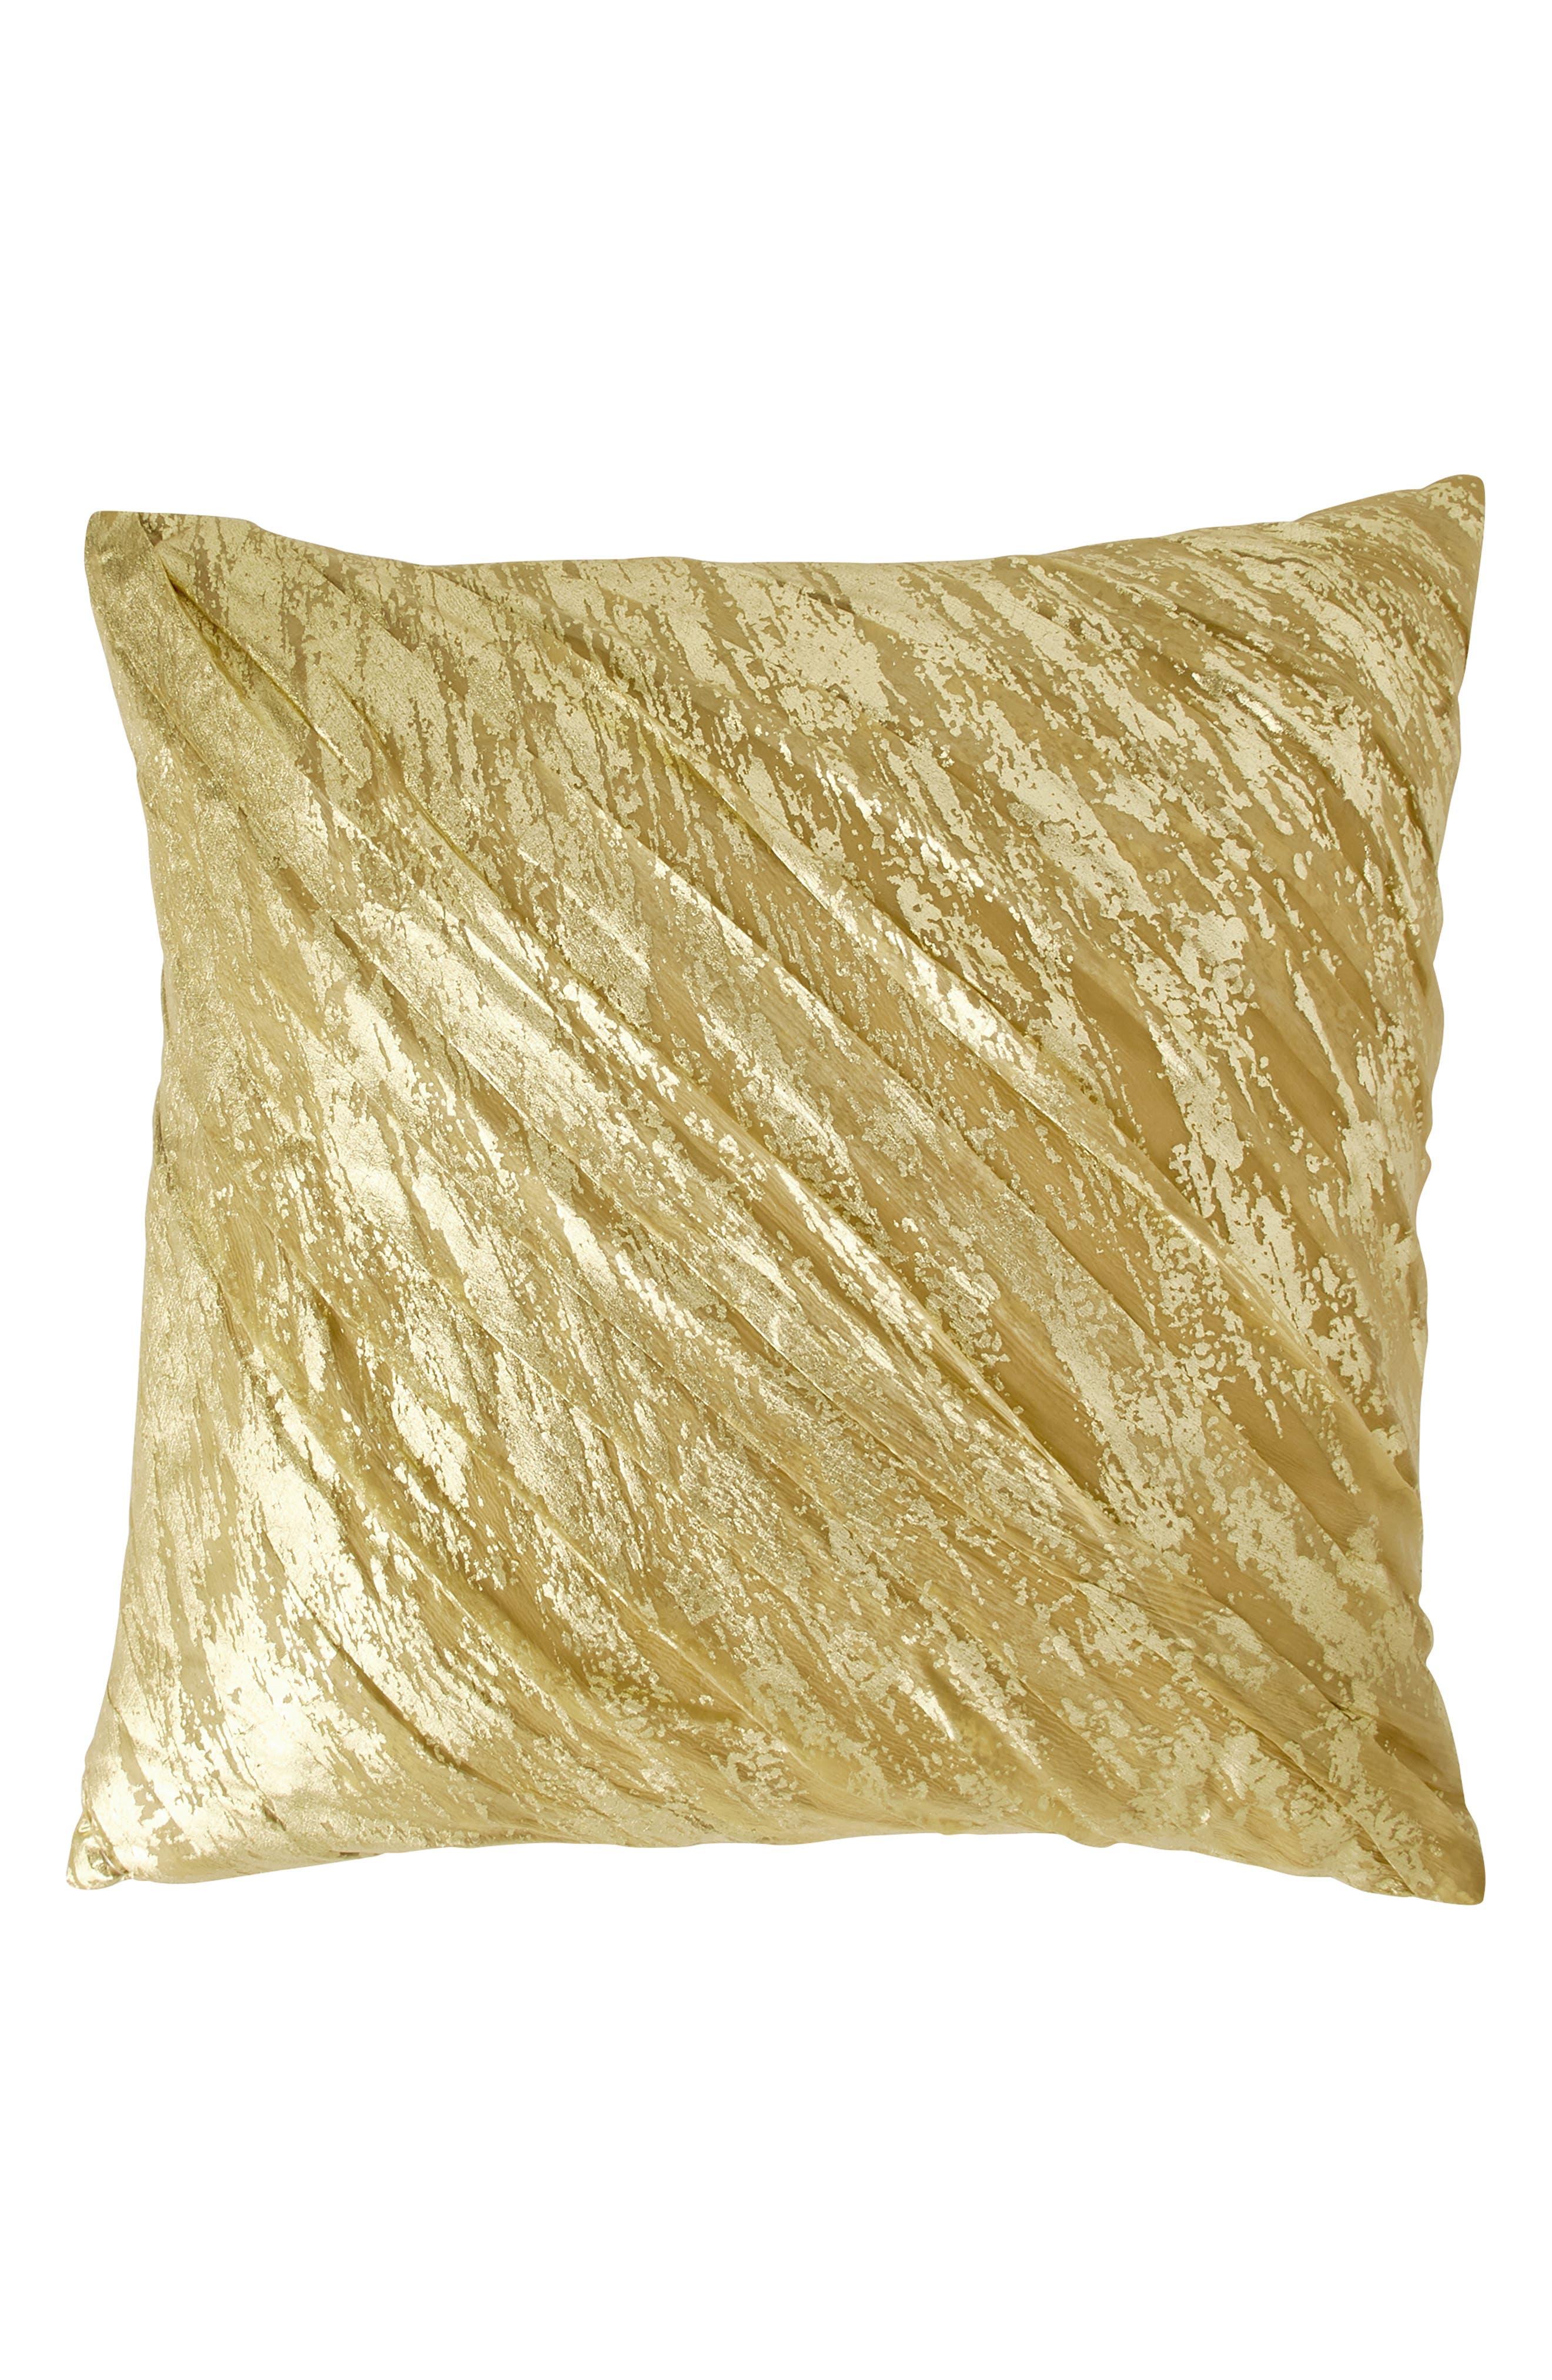 DONNA KARAN NEW YORK, Gilded Drape Accent Pillow, Main thumbnail 1, color, GOLD